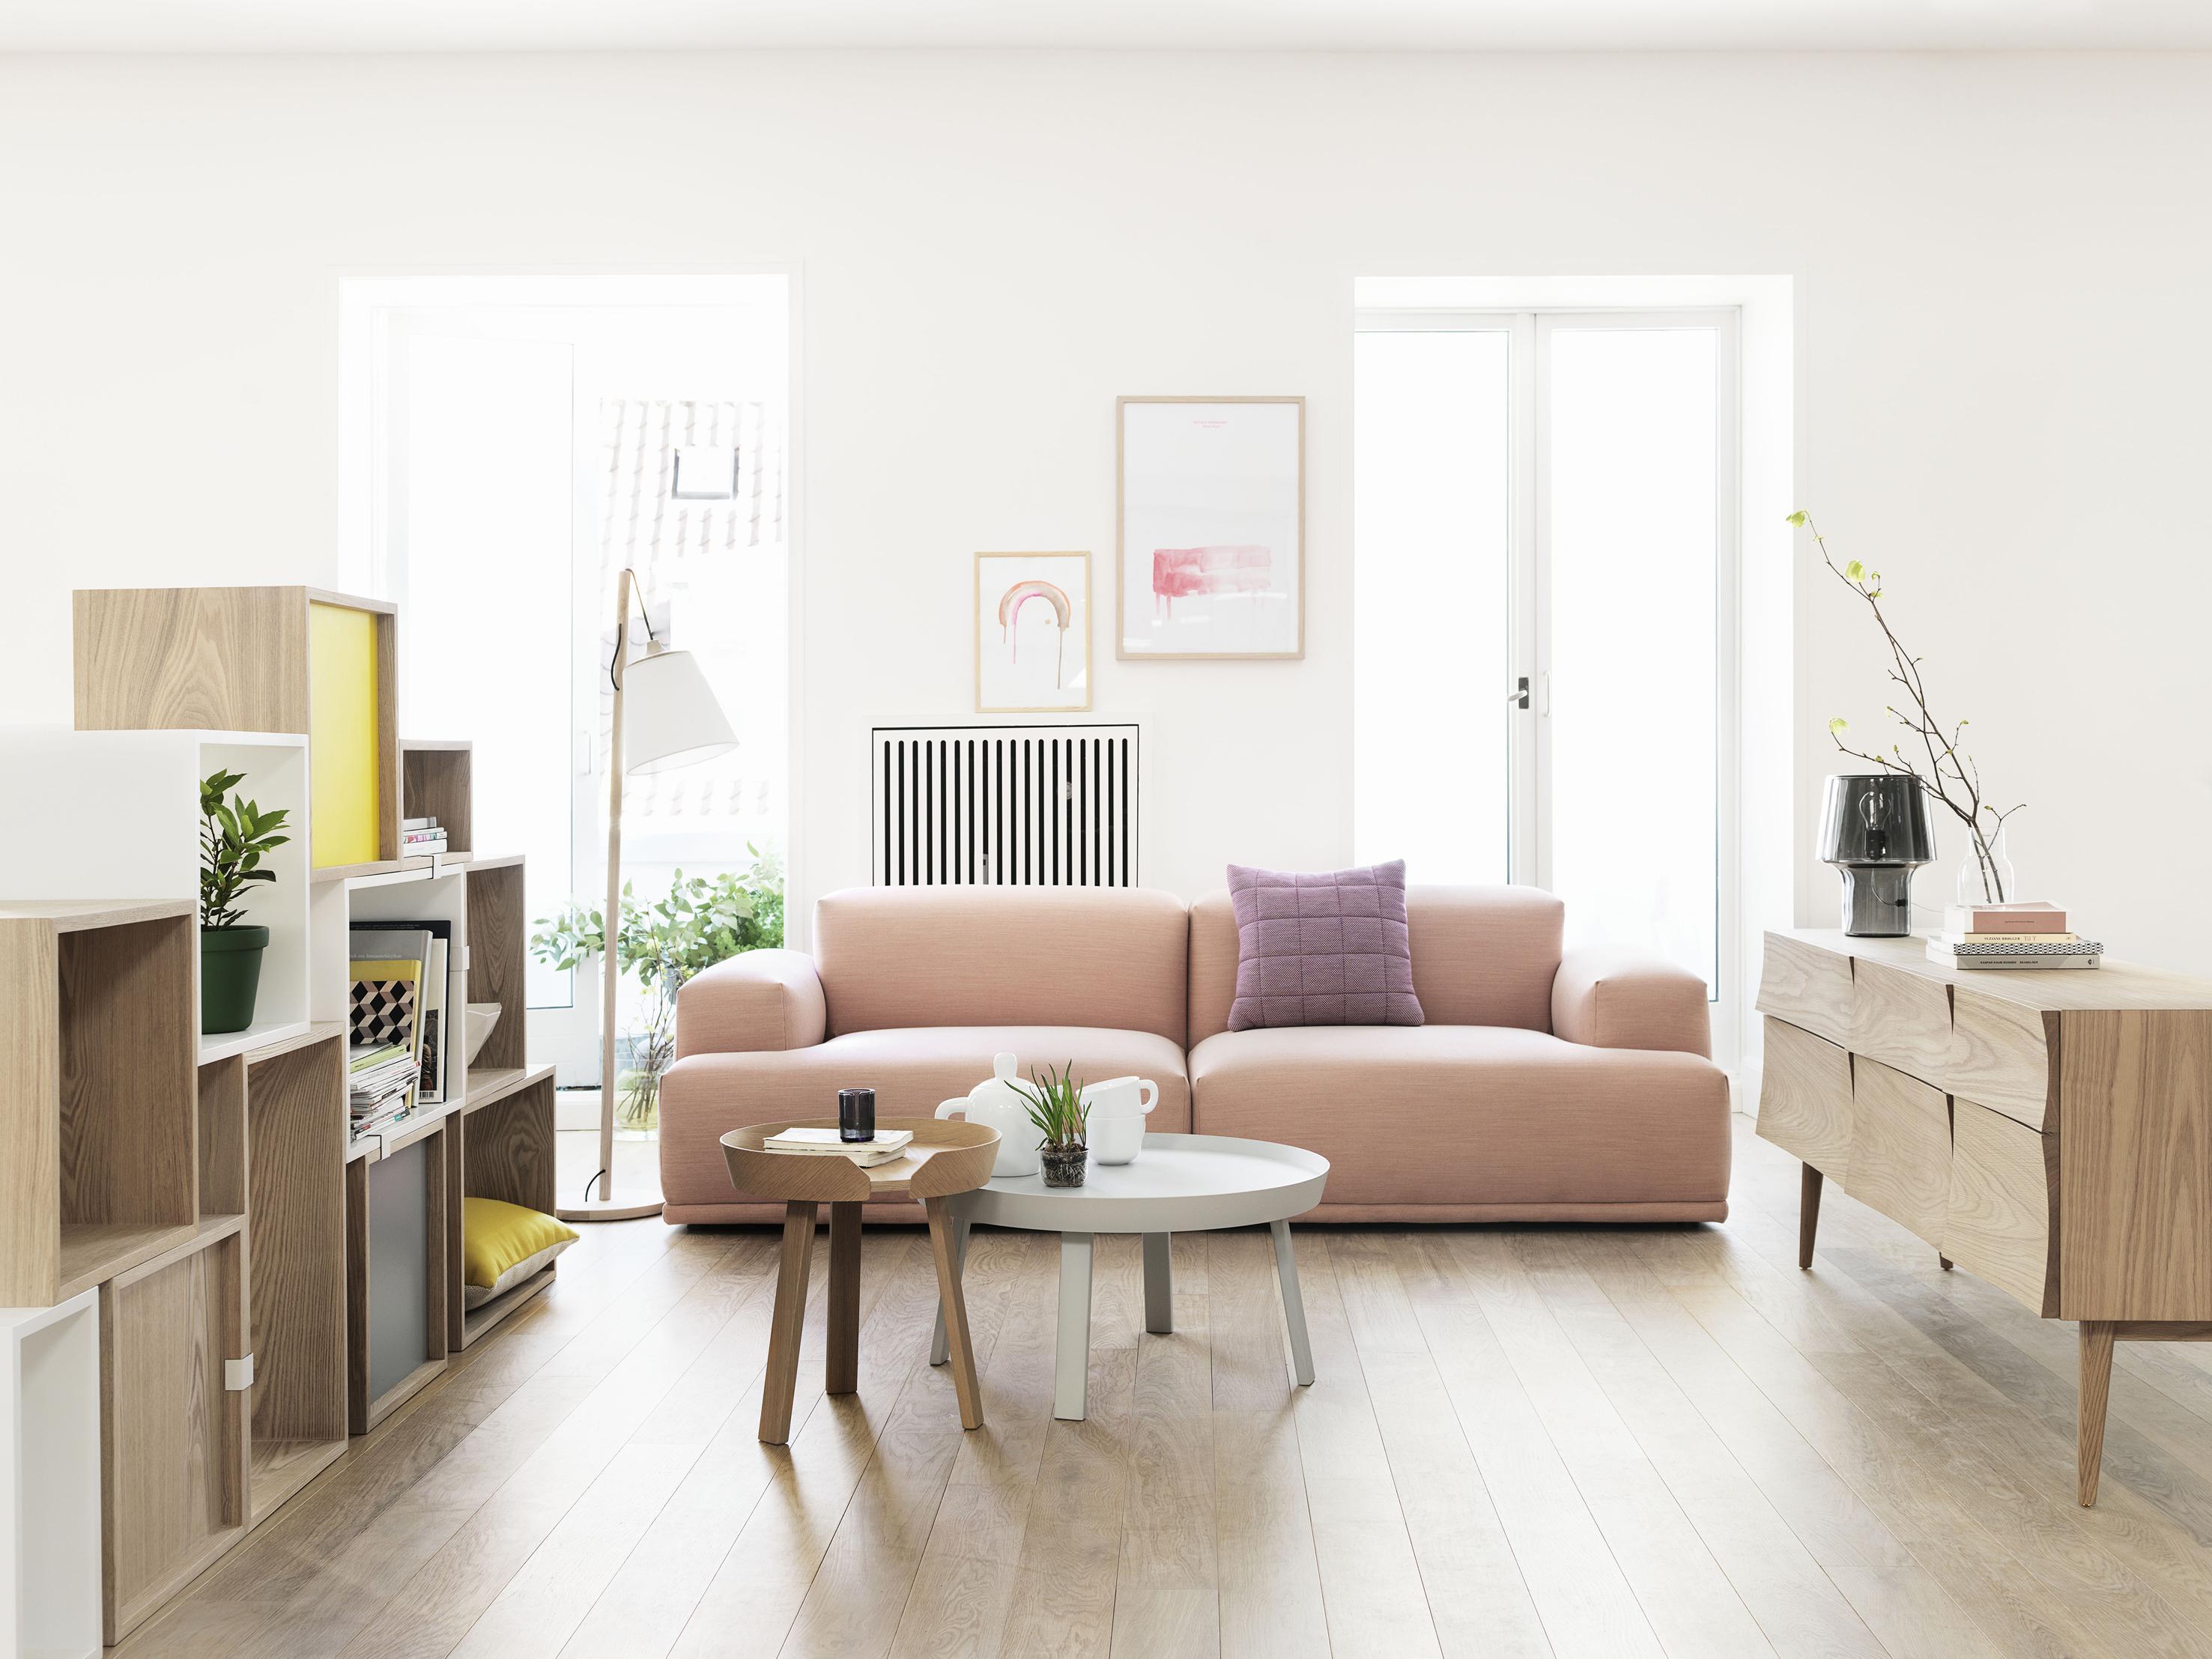 Tư vấn thiết kế nội thất căn hộ chung cư theo dạng studio có diện tích 44m² để cho thuê với chi phí 42 triệu - Ảnh 7.